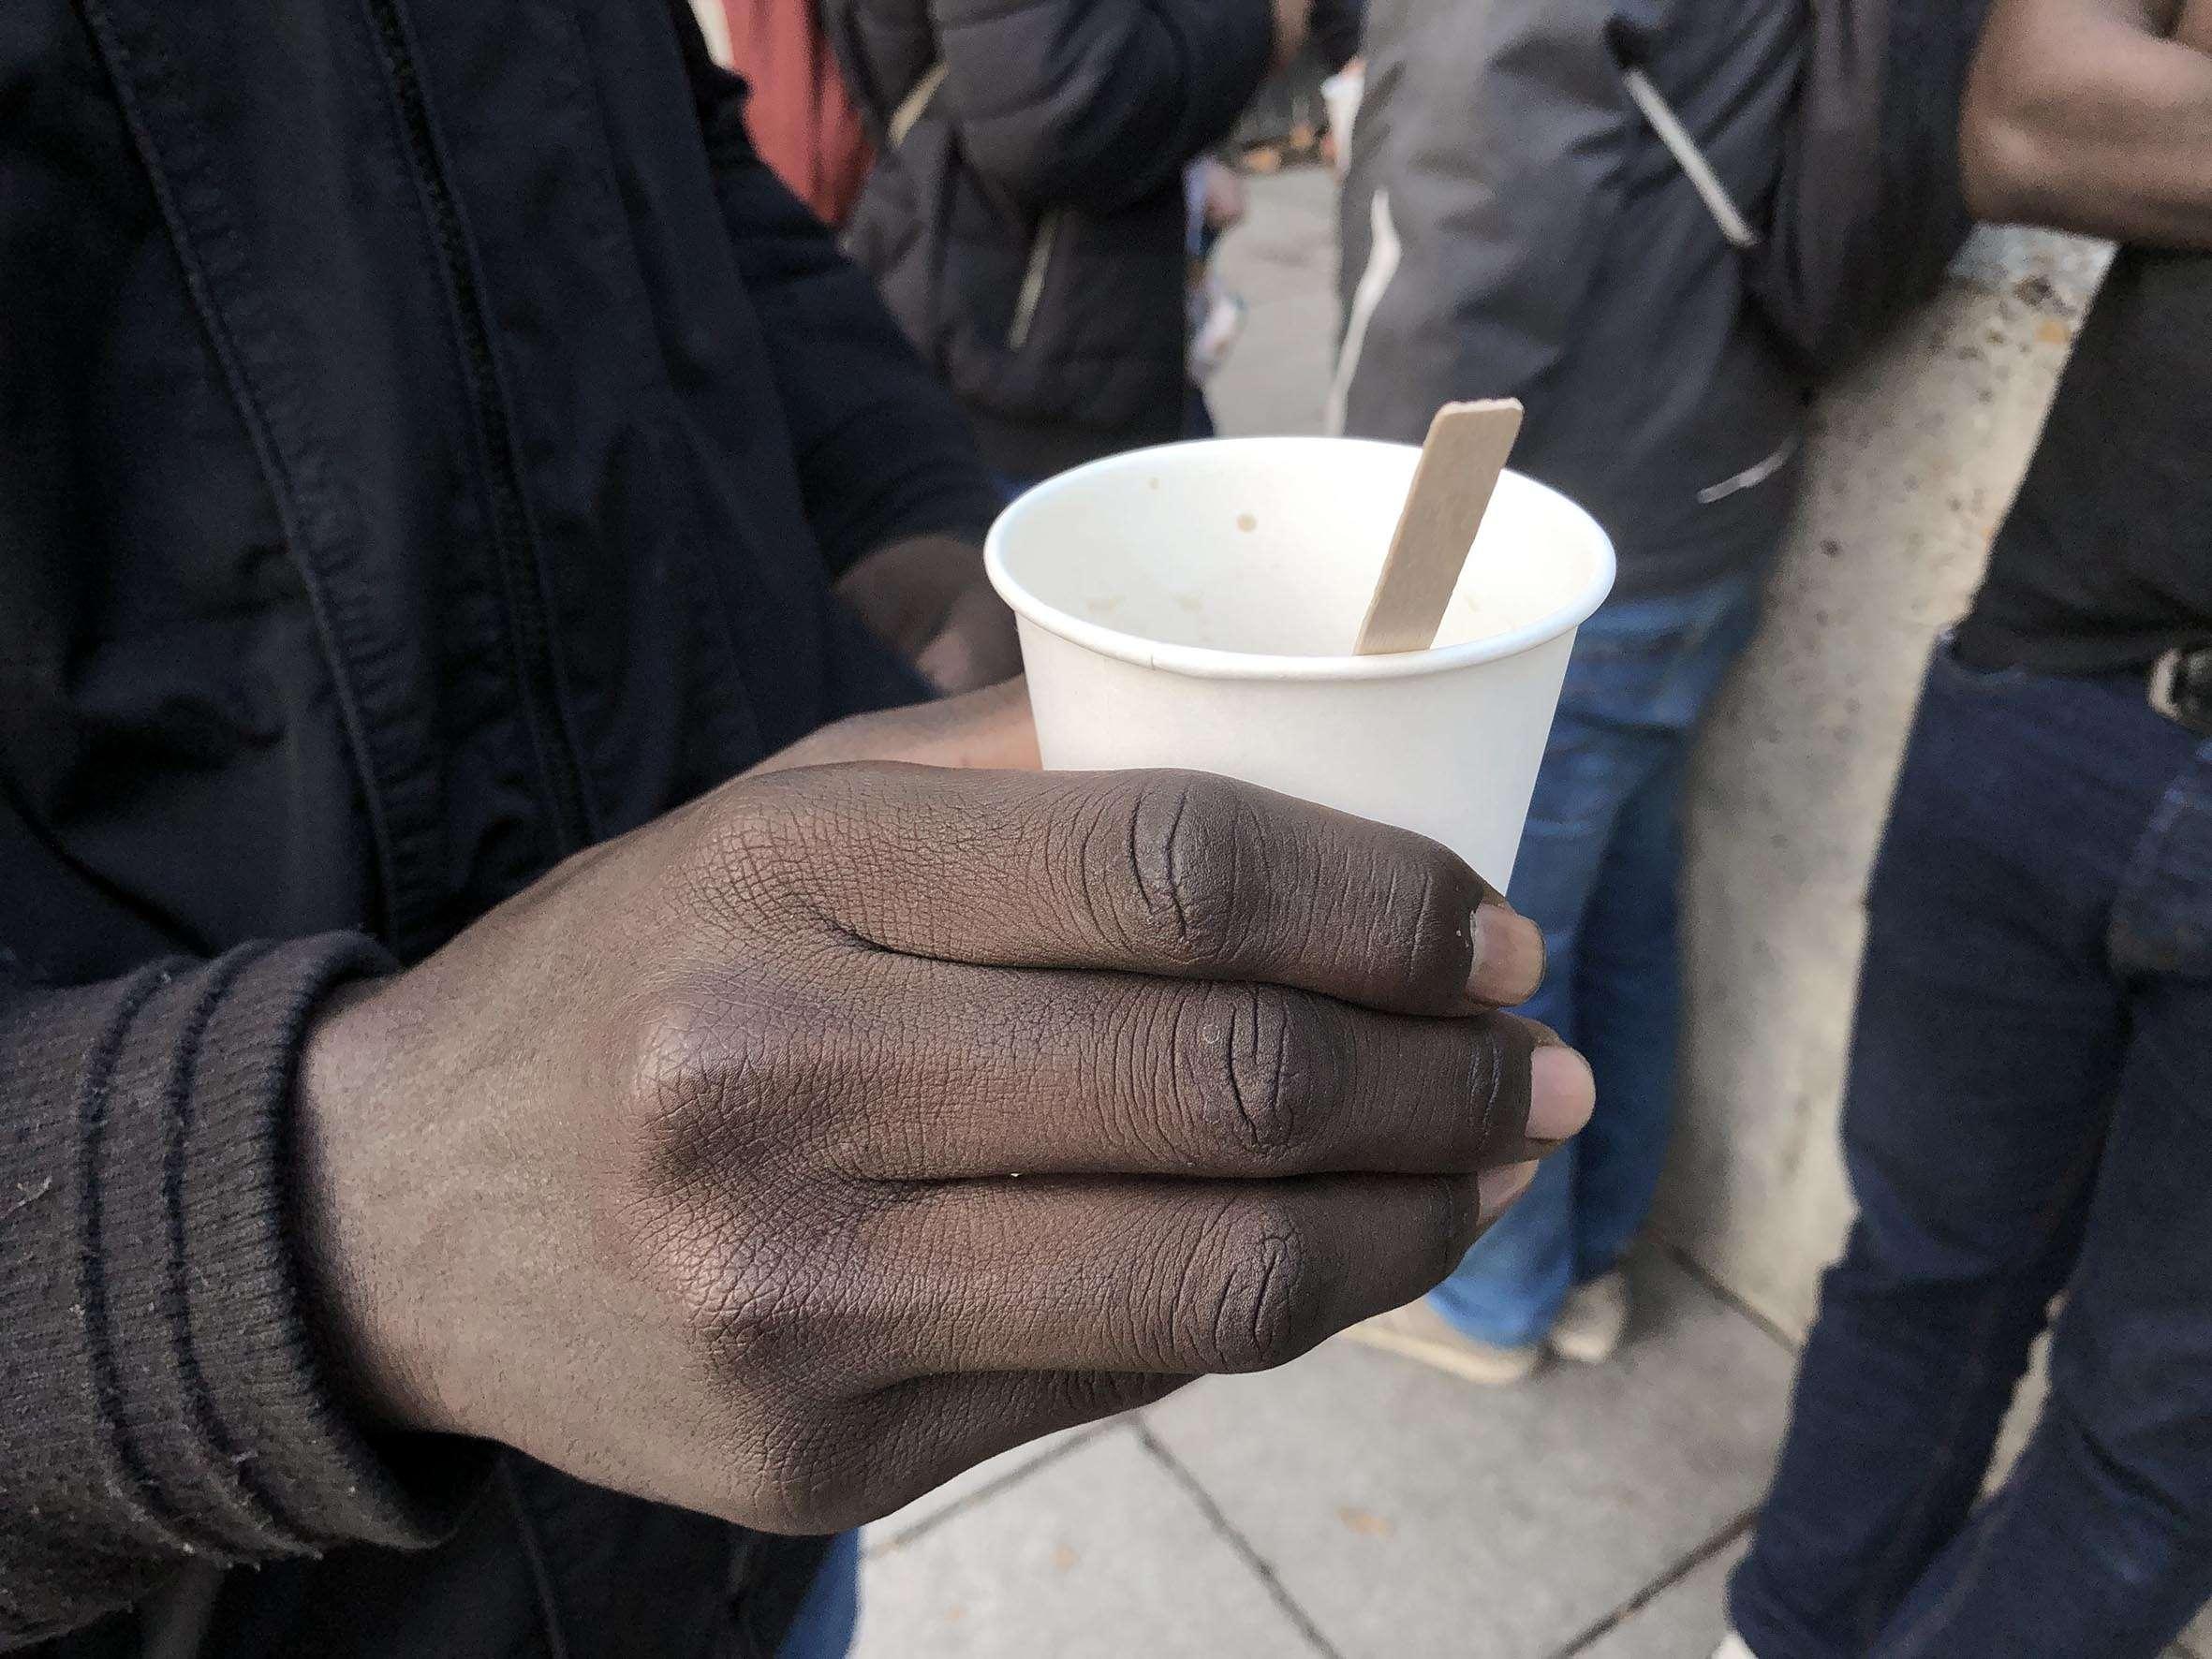 """Un café distribué par le collectif """"Thé ou café pour les réfugiés"""", place Stalingrad à Paris. Photographie : Yoanna Sallese pour Radio Parleur."""